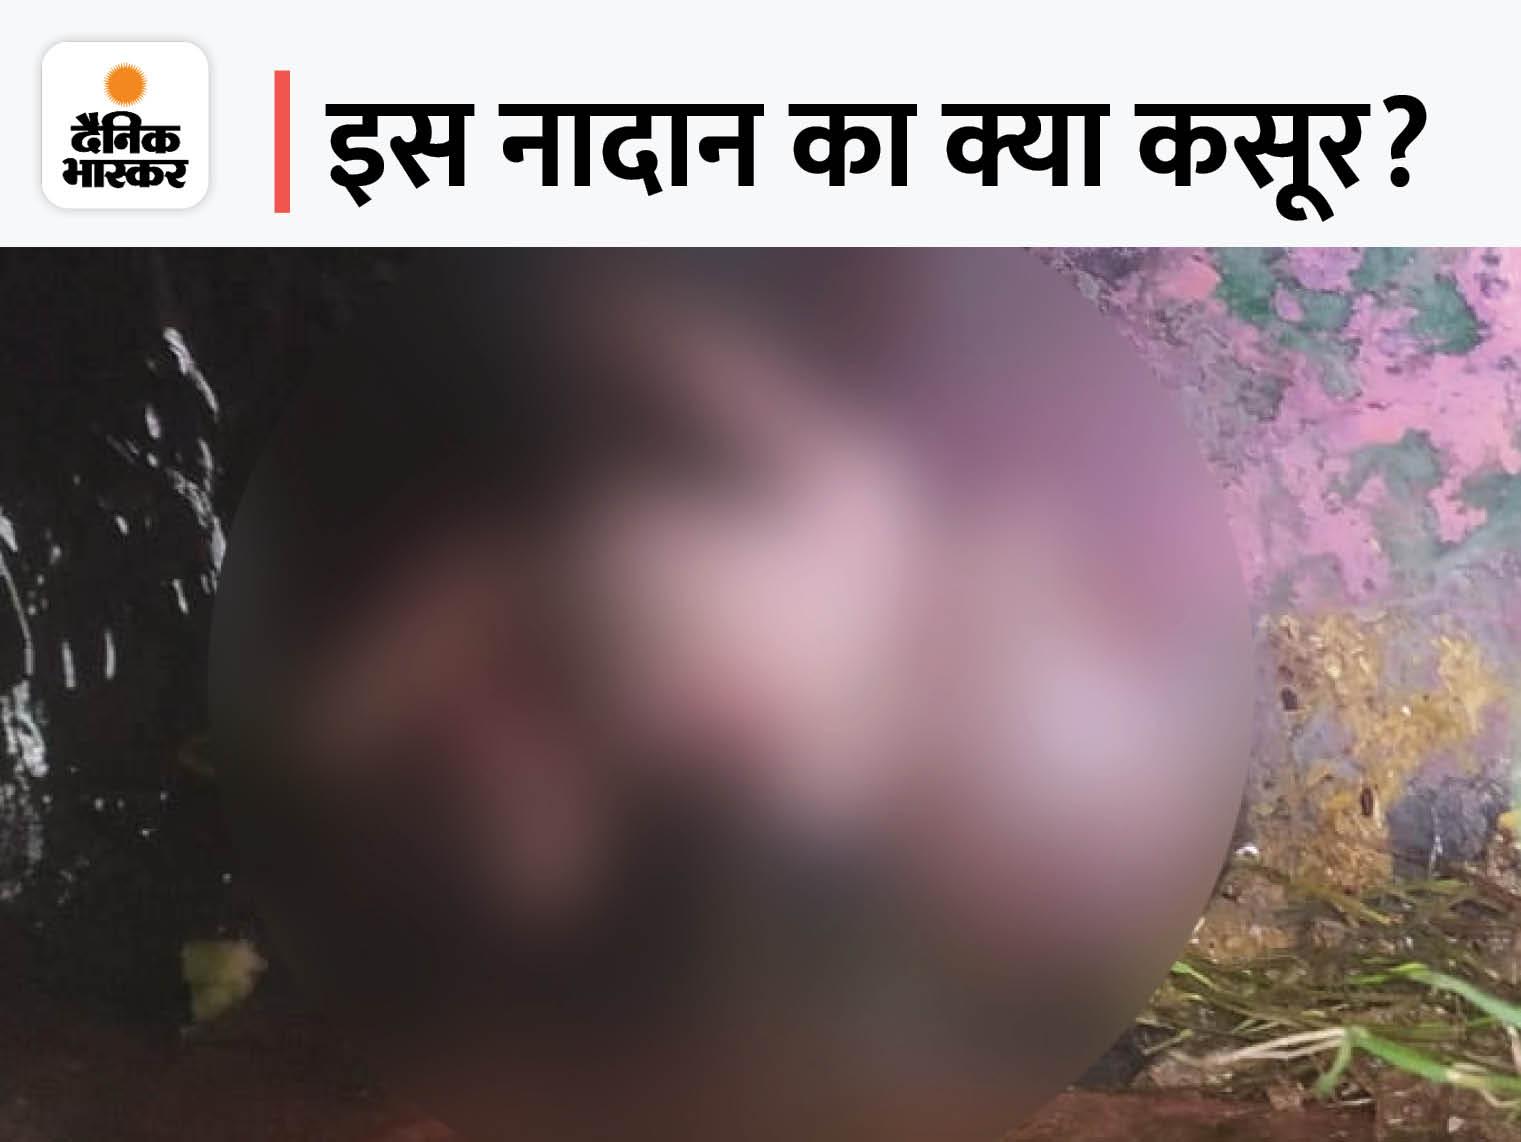 गर्भनाल कटी हुई थी, शरीर पर कई जगह इंजेक्शन के निशान; अस्पताल में जन्म की आशंका, CCTV खंगाल रही पुलिस|लखनऊ,Lucknow - Dainik Bhaskar